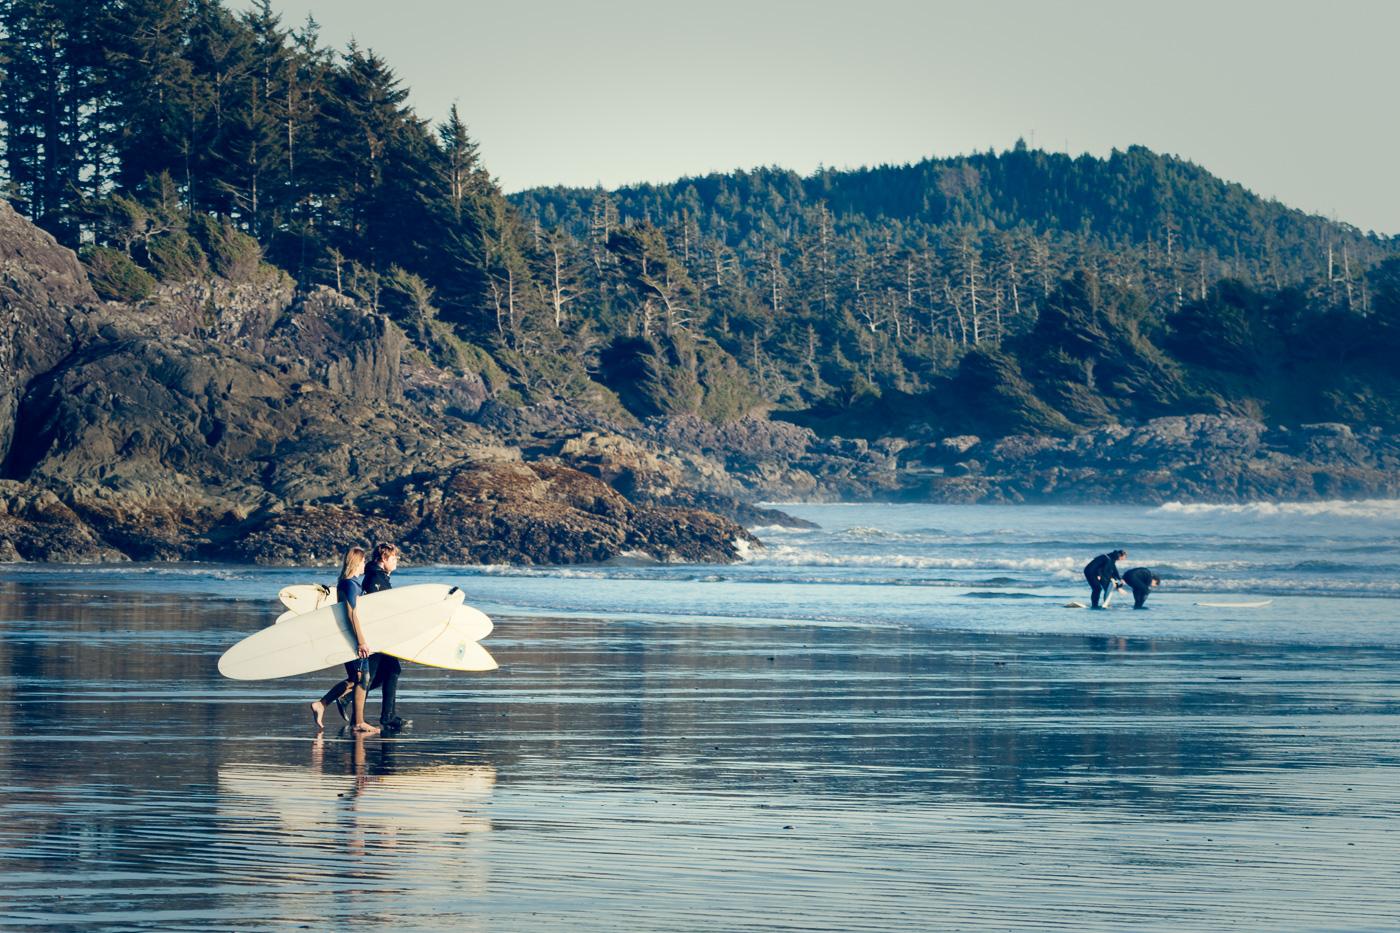 Surfers at Toffino - Paisatges de Nord-Amèrica - Raül Carmona - Fotografia, Fotografia d'estudi, esdeveniments i Natura